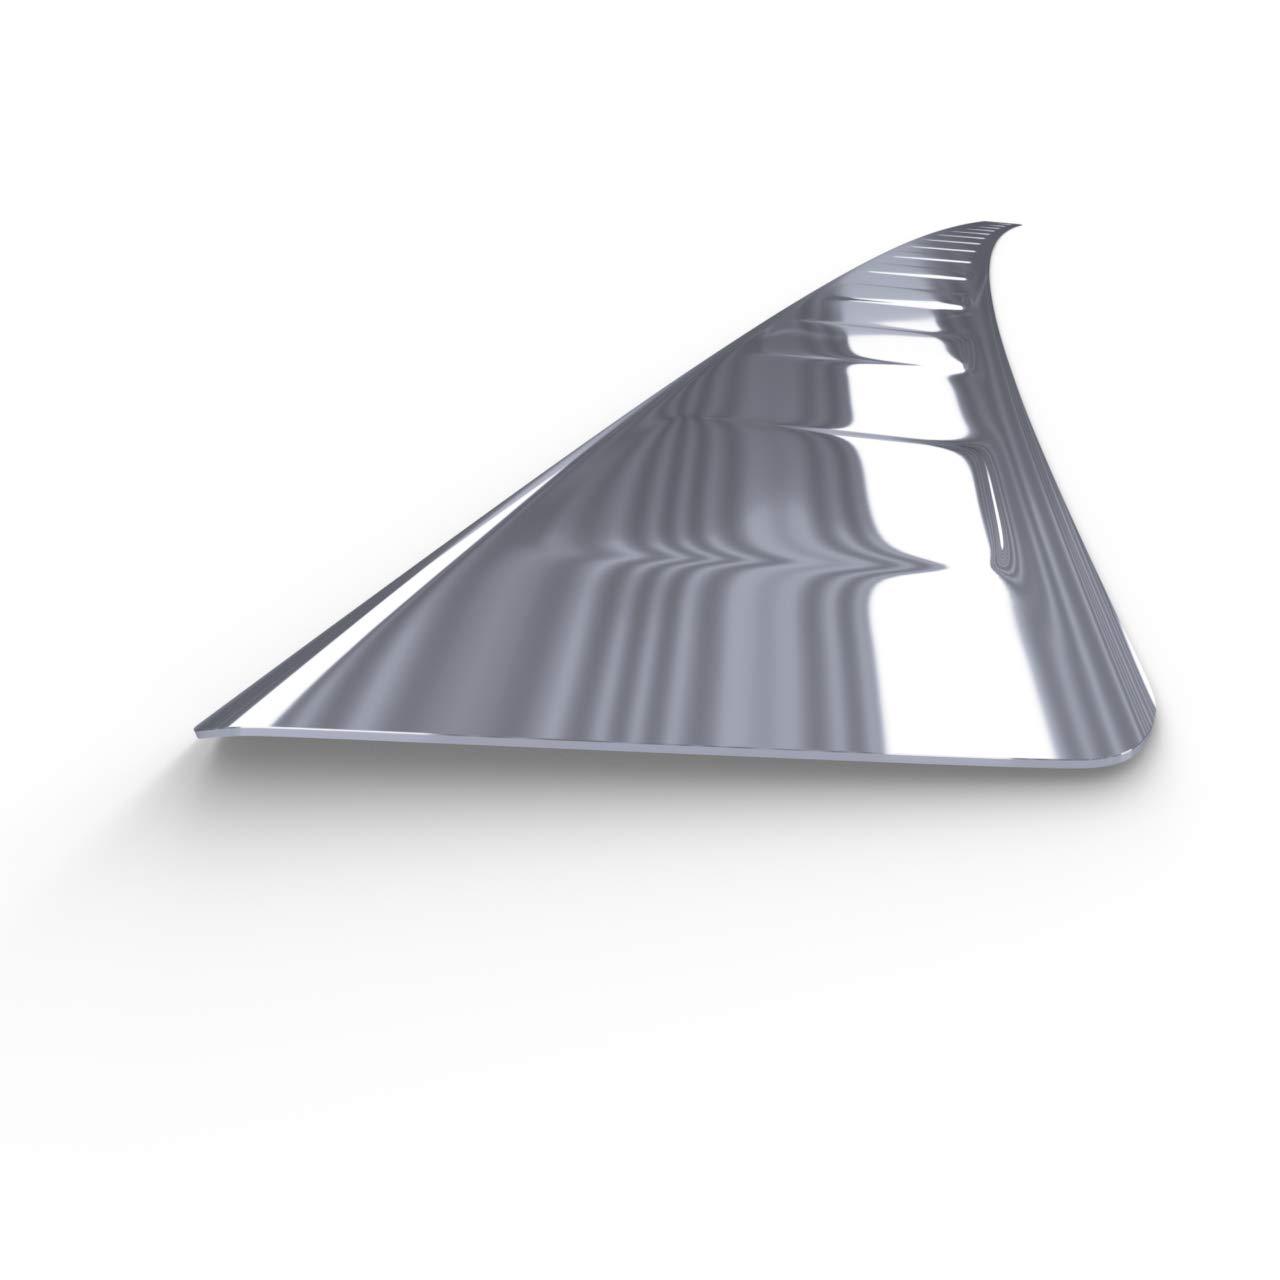 argento Protezione paraurti auto in acciaio lucido 5902538651684